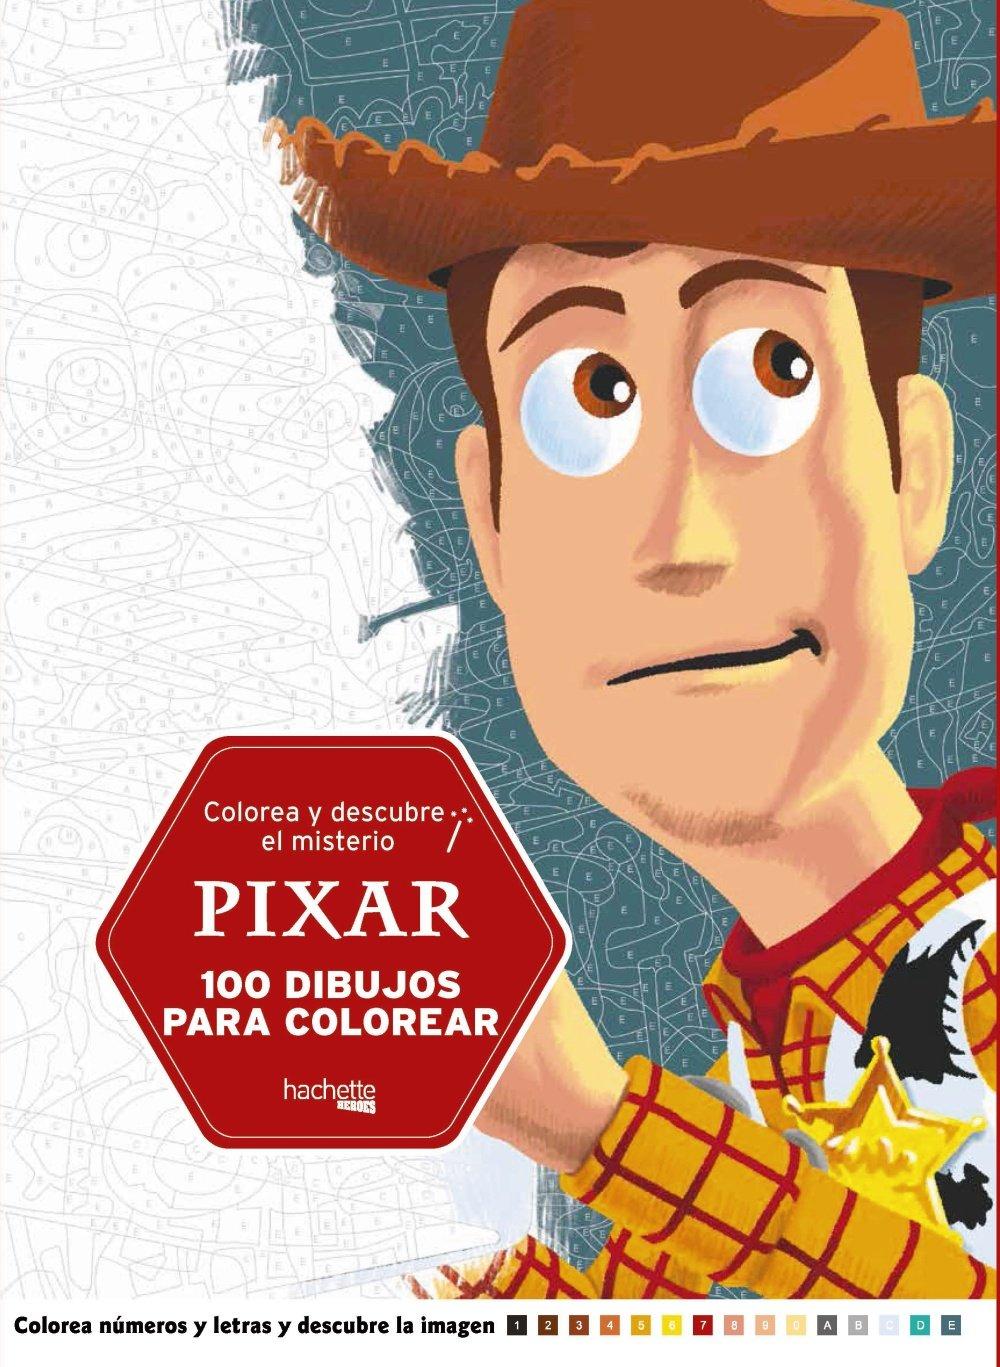 Colorea Y Descubre El Misterio Pixar Hachette Heroes Disney